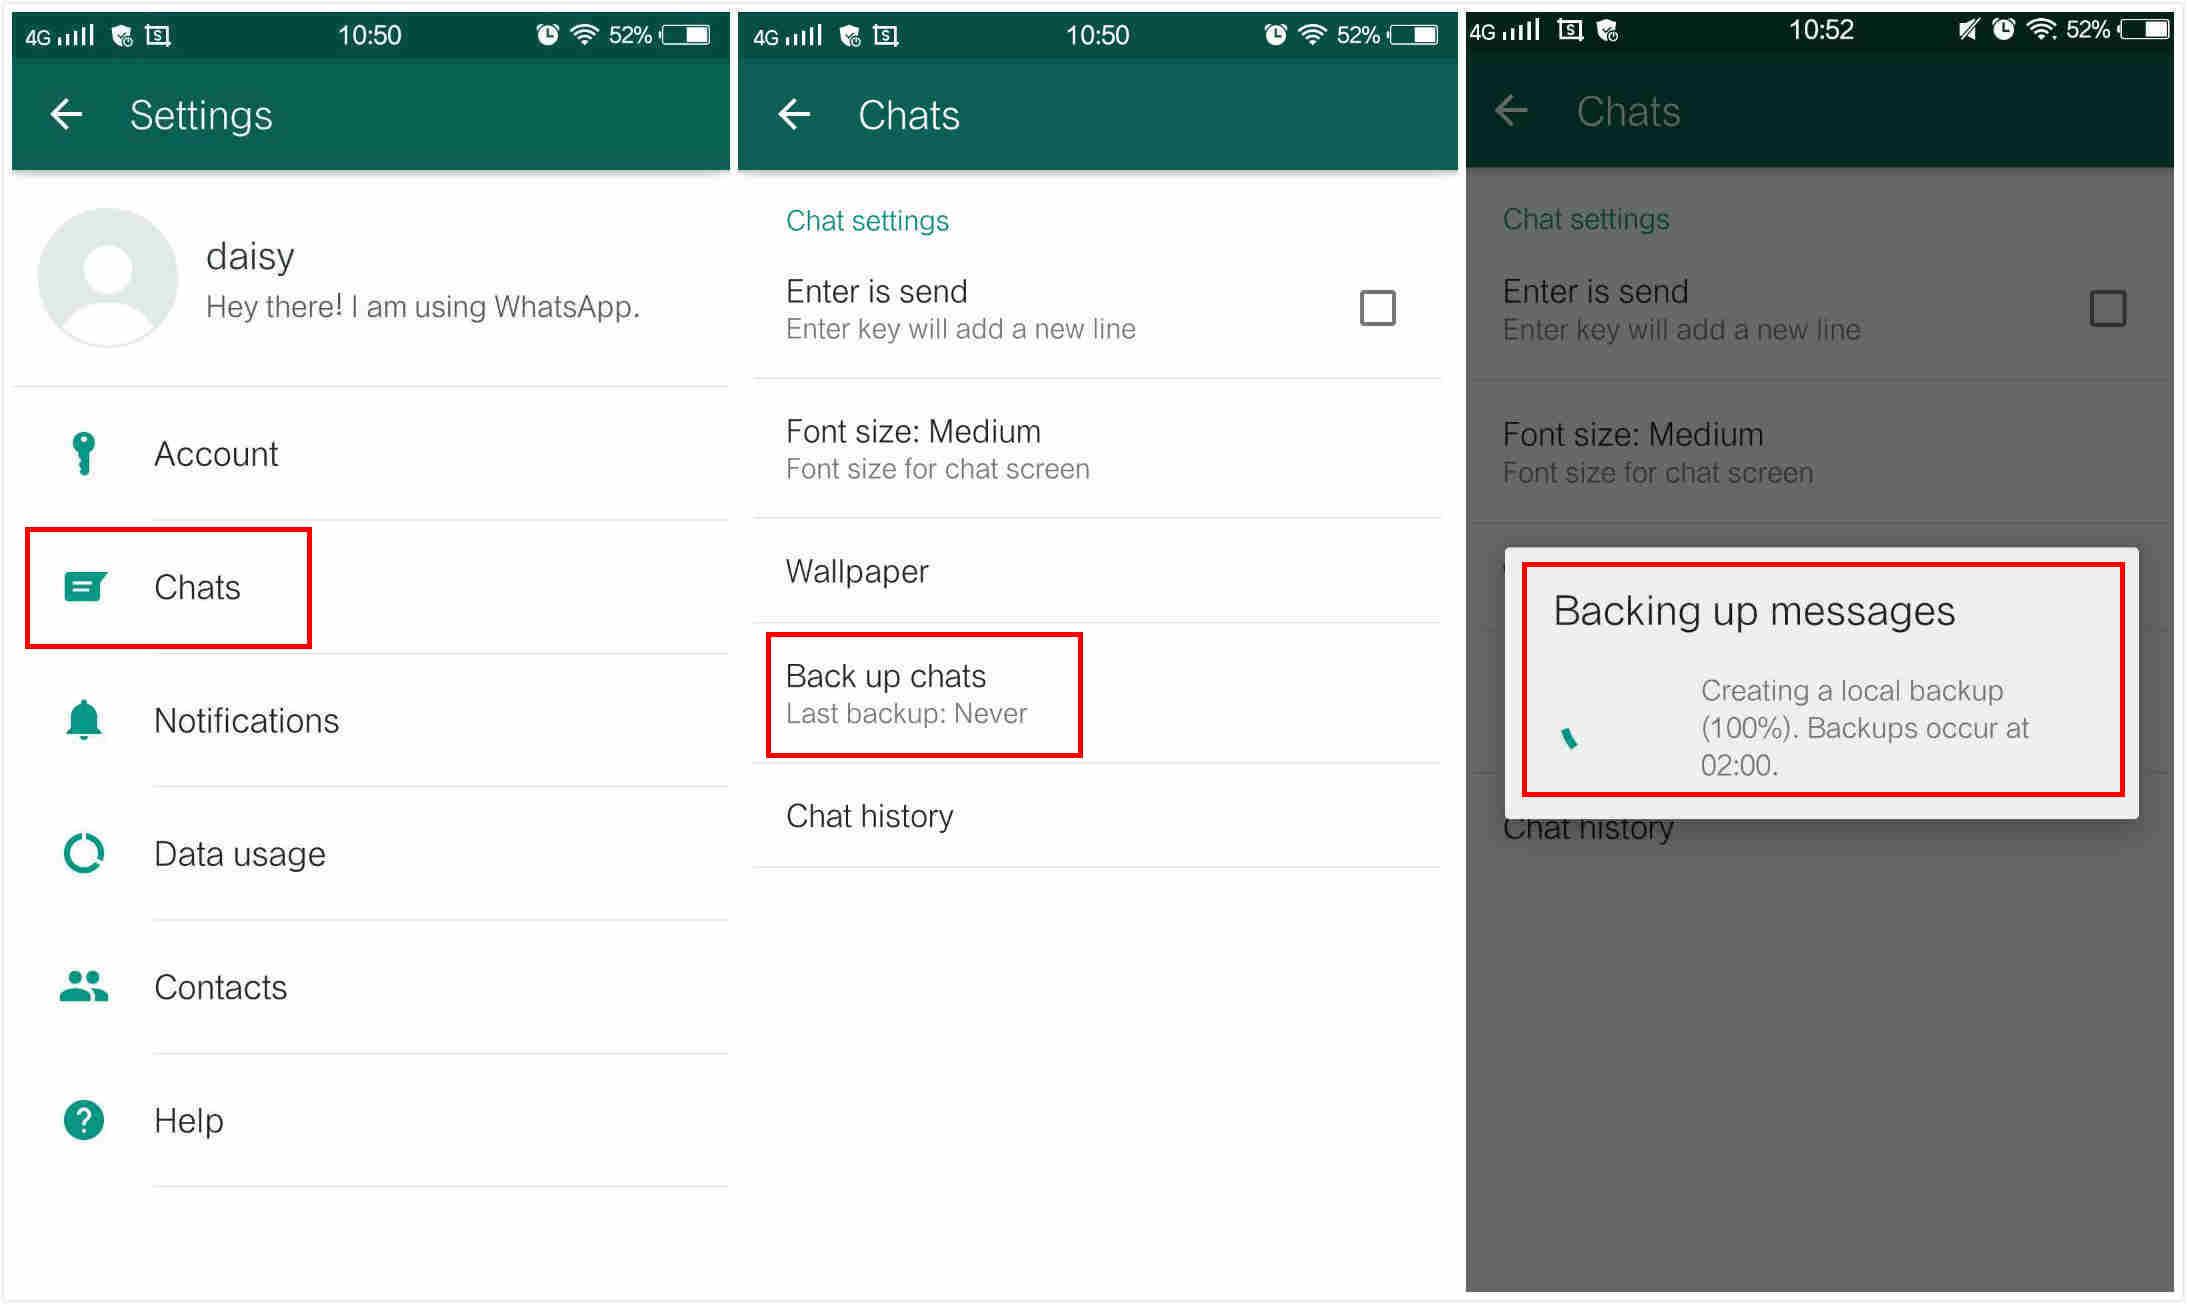 Come condividere o esportare tutto il contenuto di una chat di WhatsApp 2